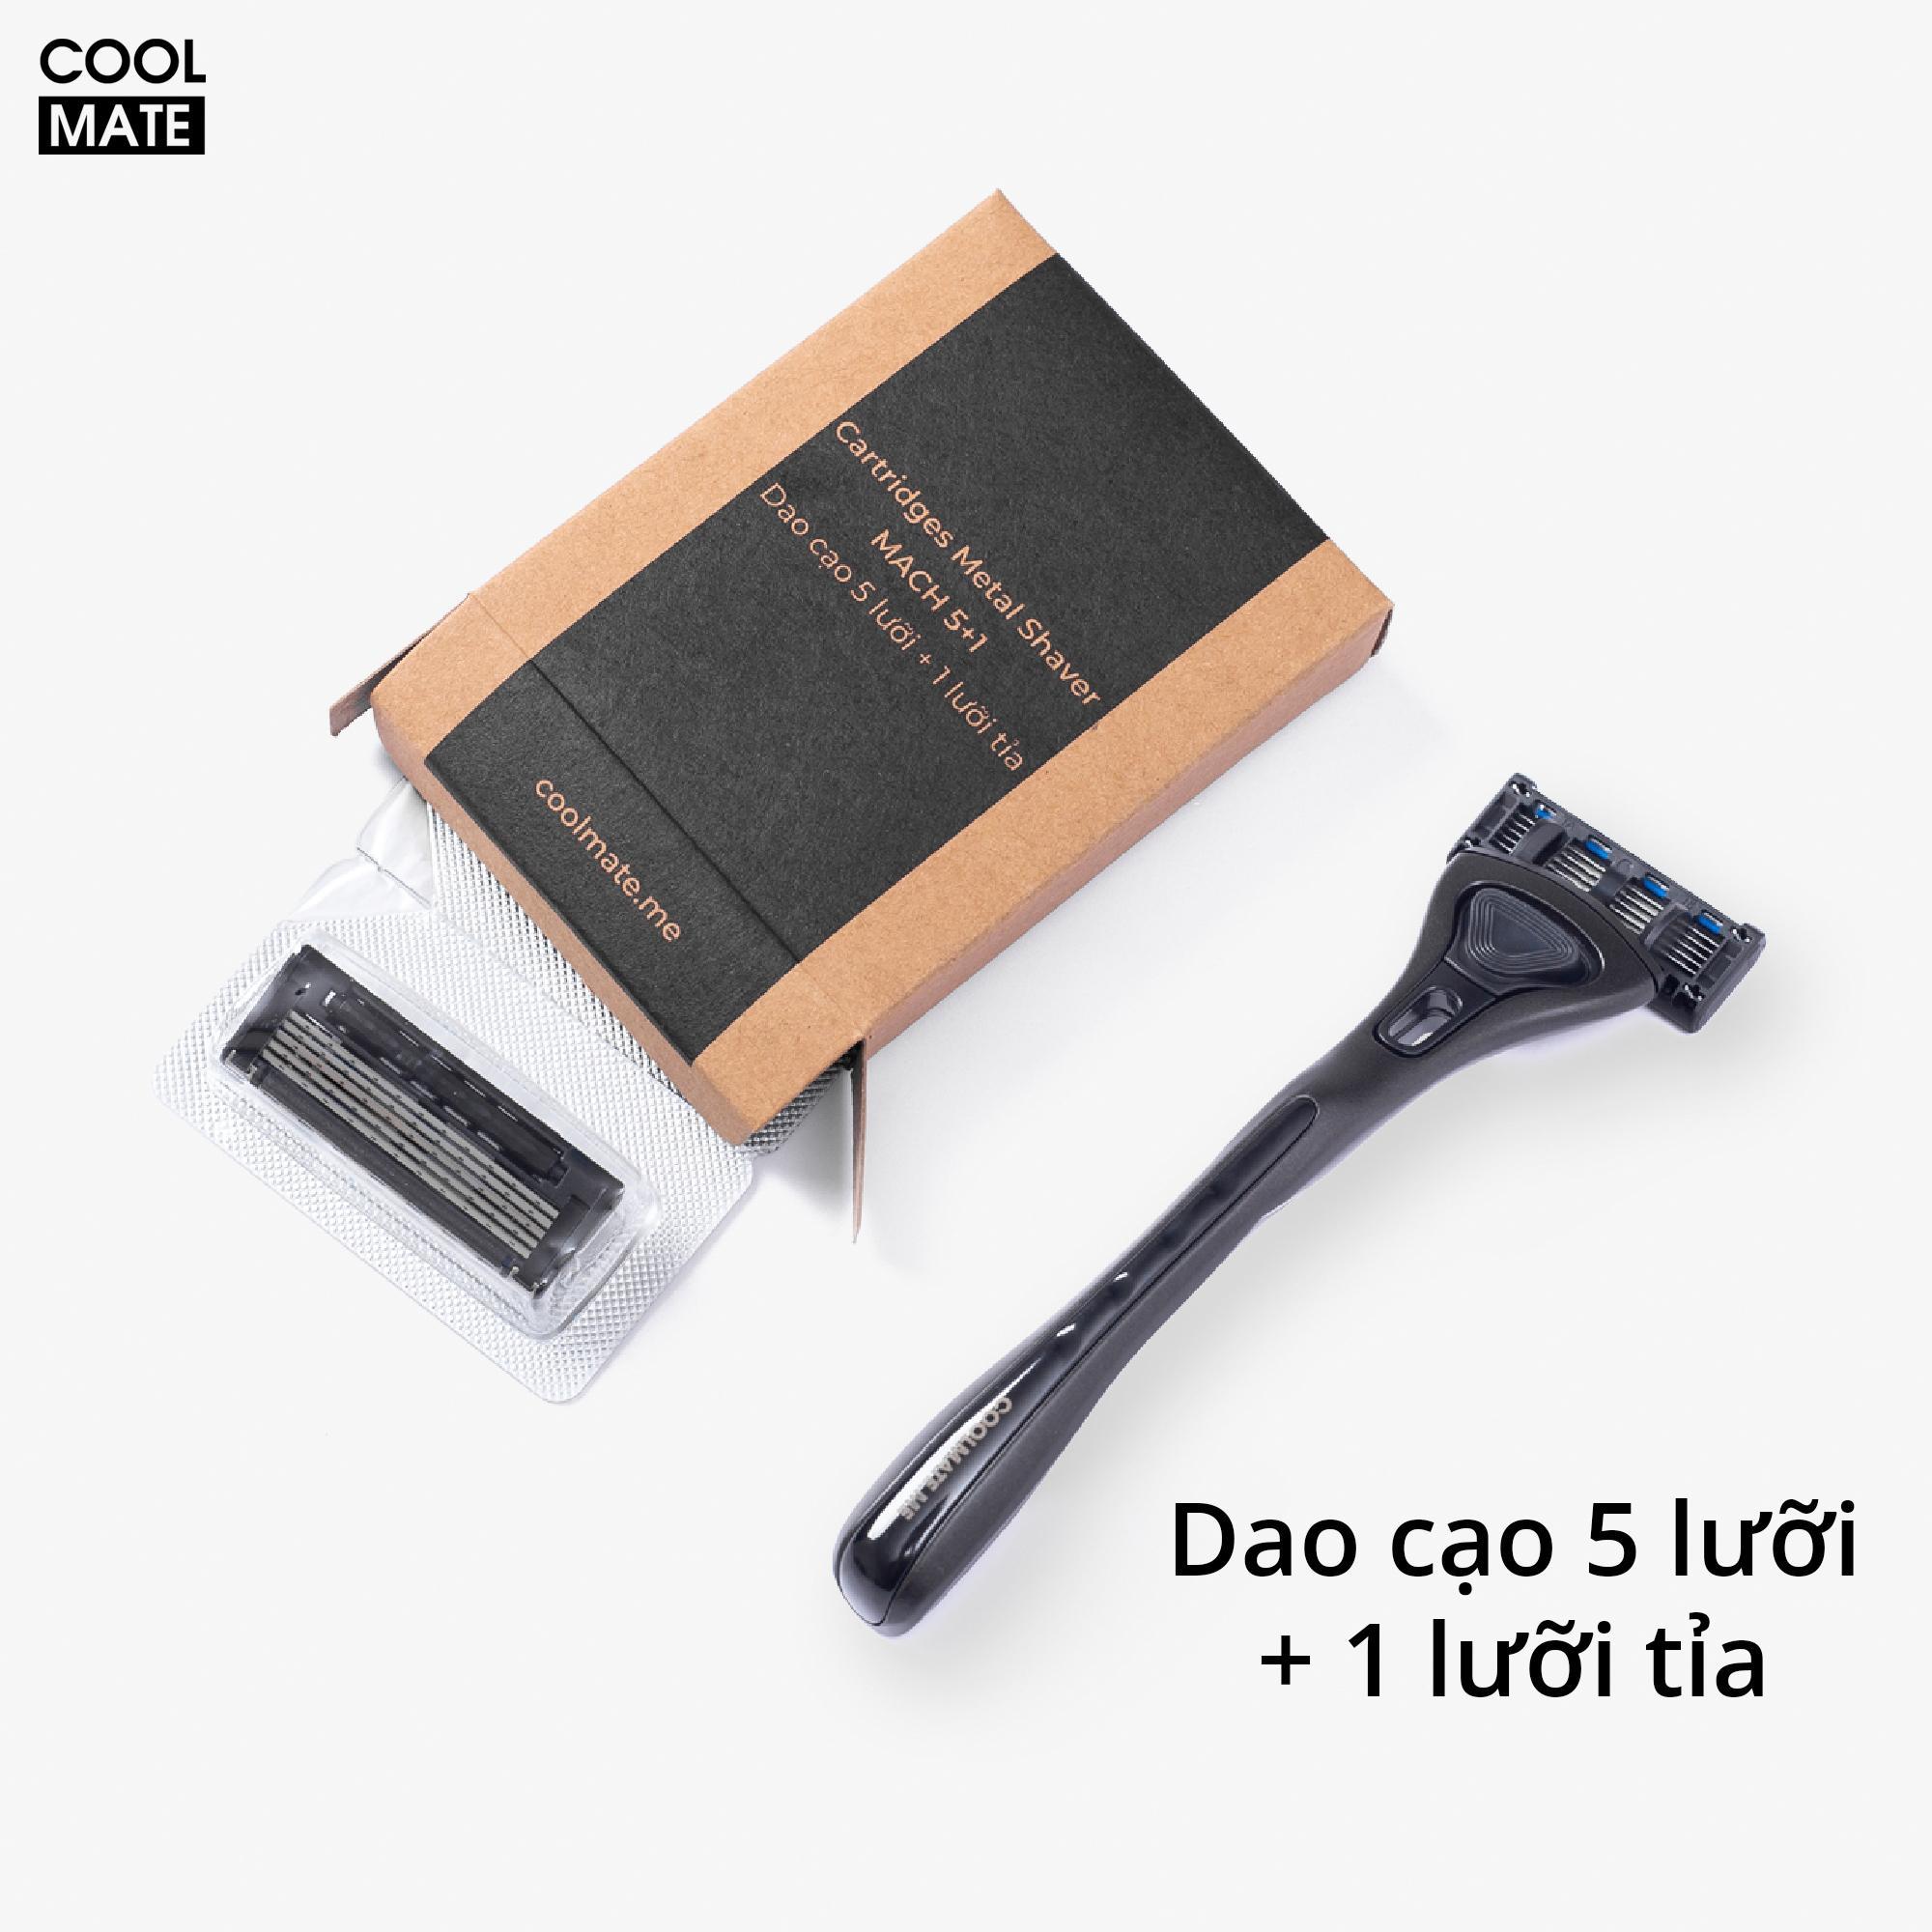 BỘ DAO CẠO RÂU COOL SHAVING KIT 5 LƯỠI - COOLMATE